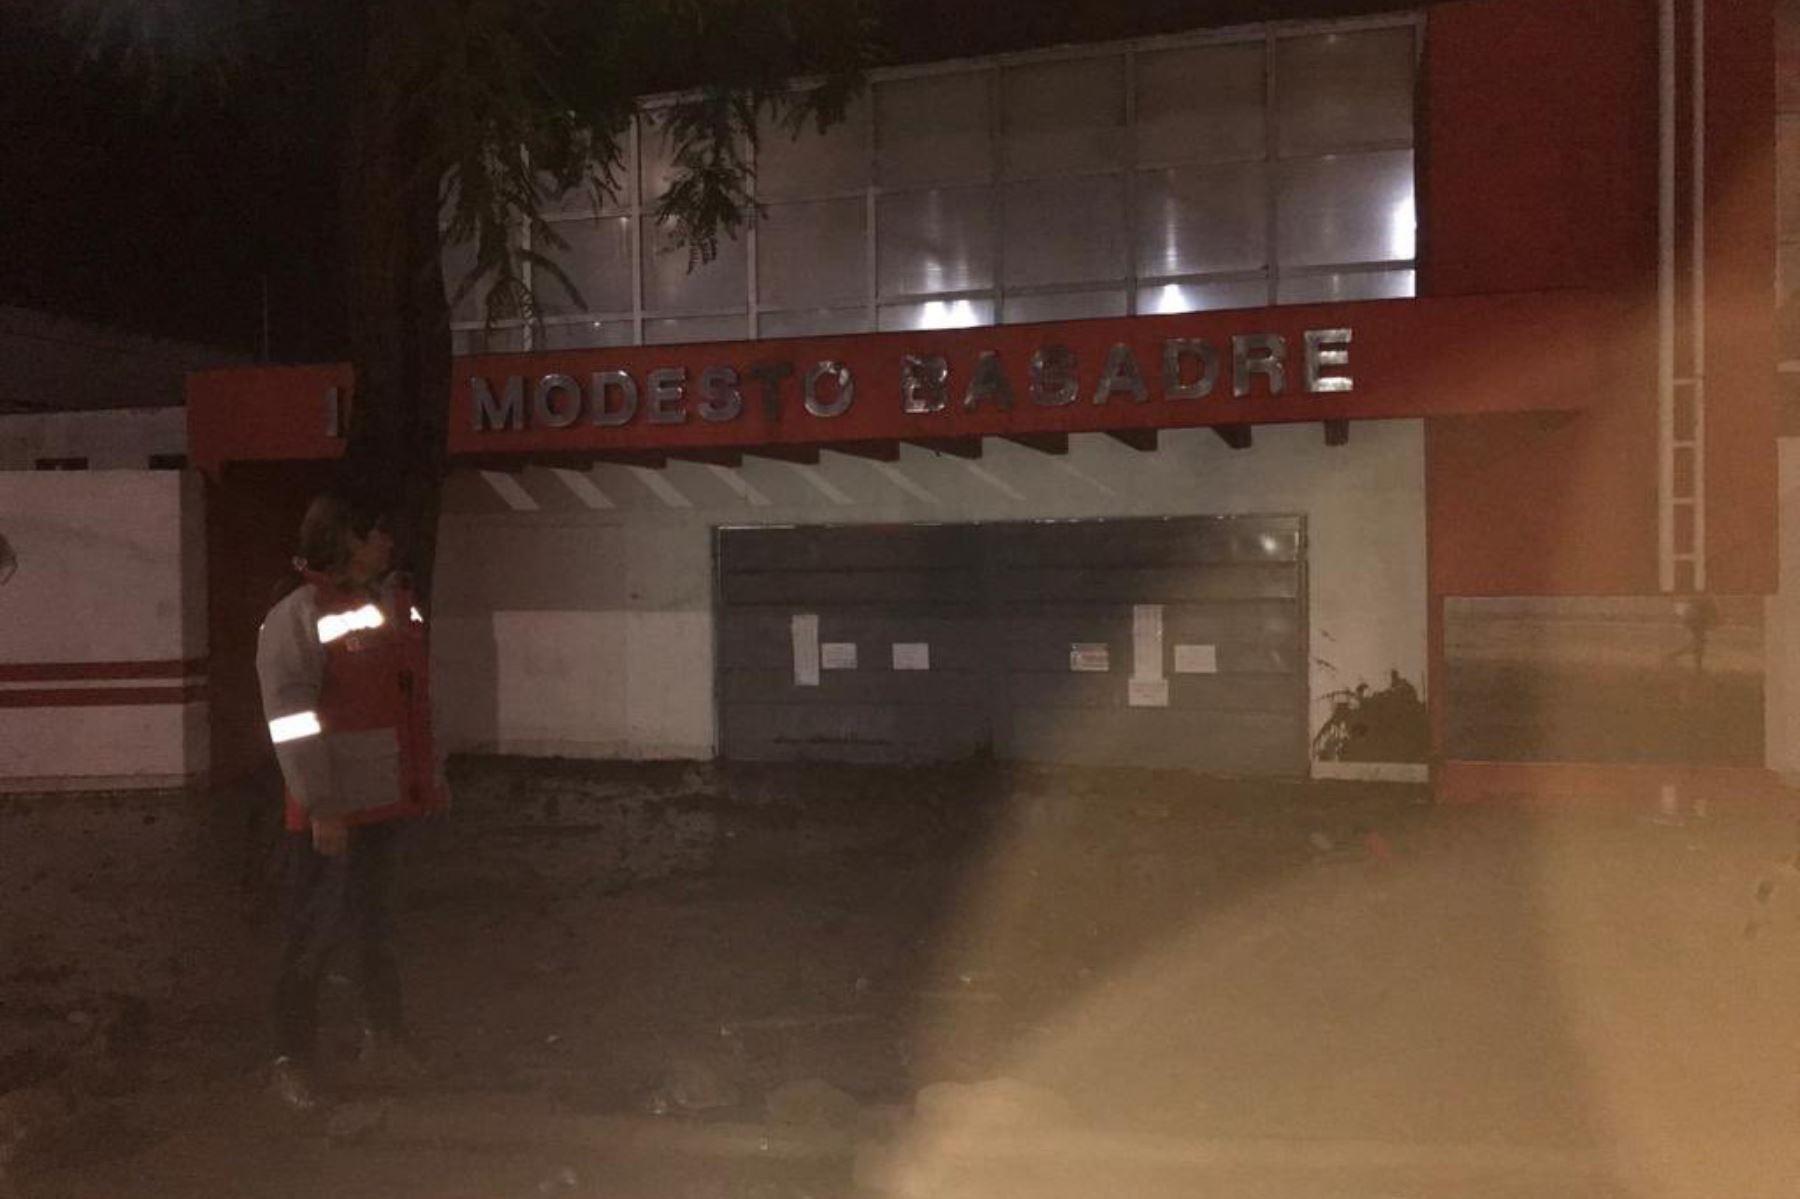 Ante las intensas lluvias registradas en las últimas horas en la ciudad de Tacna, un equipo de respuesta del Ministerio de Educación (Minedu) viene evaluando los daños y necesidades de las escuelas afectadas y haciendo el monitoreo respectivo a través del Centro de Operaciones de Emergencia del sector Educación.